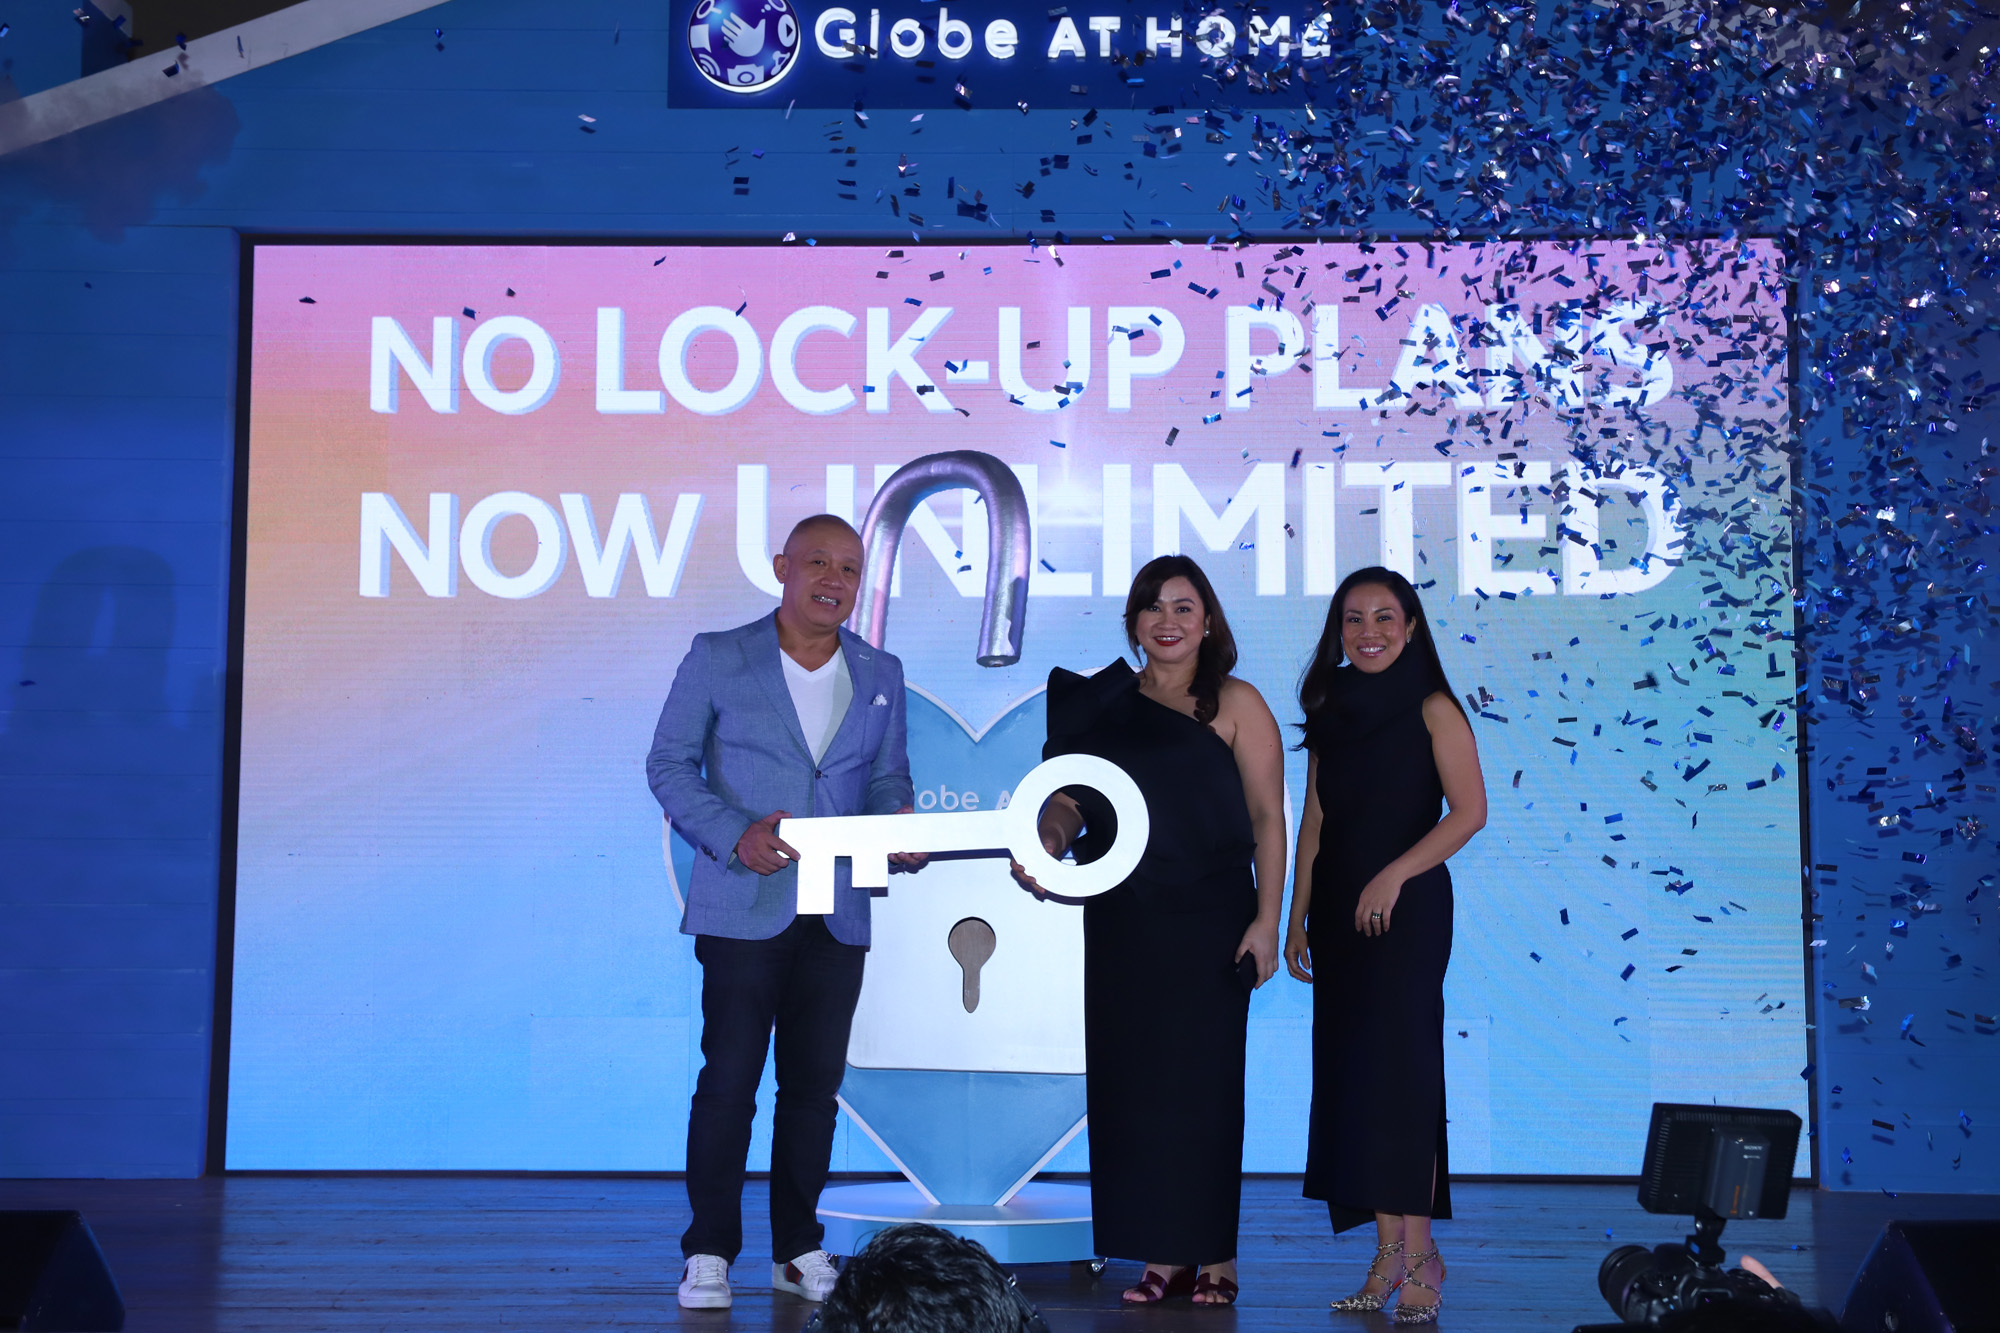 Globe Telecom brings back unlimited Internet plans – no-lock up, no data cap, no throttling